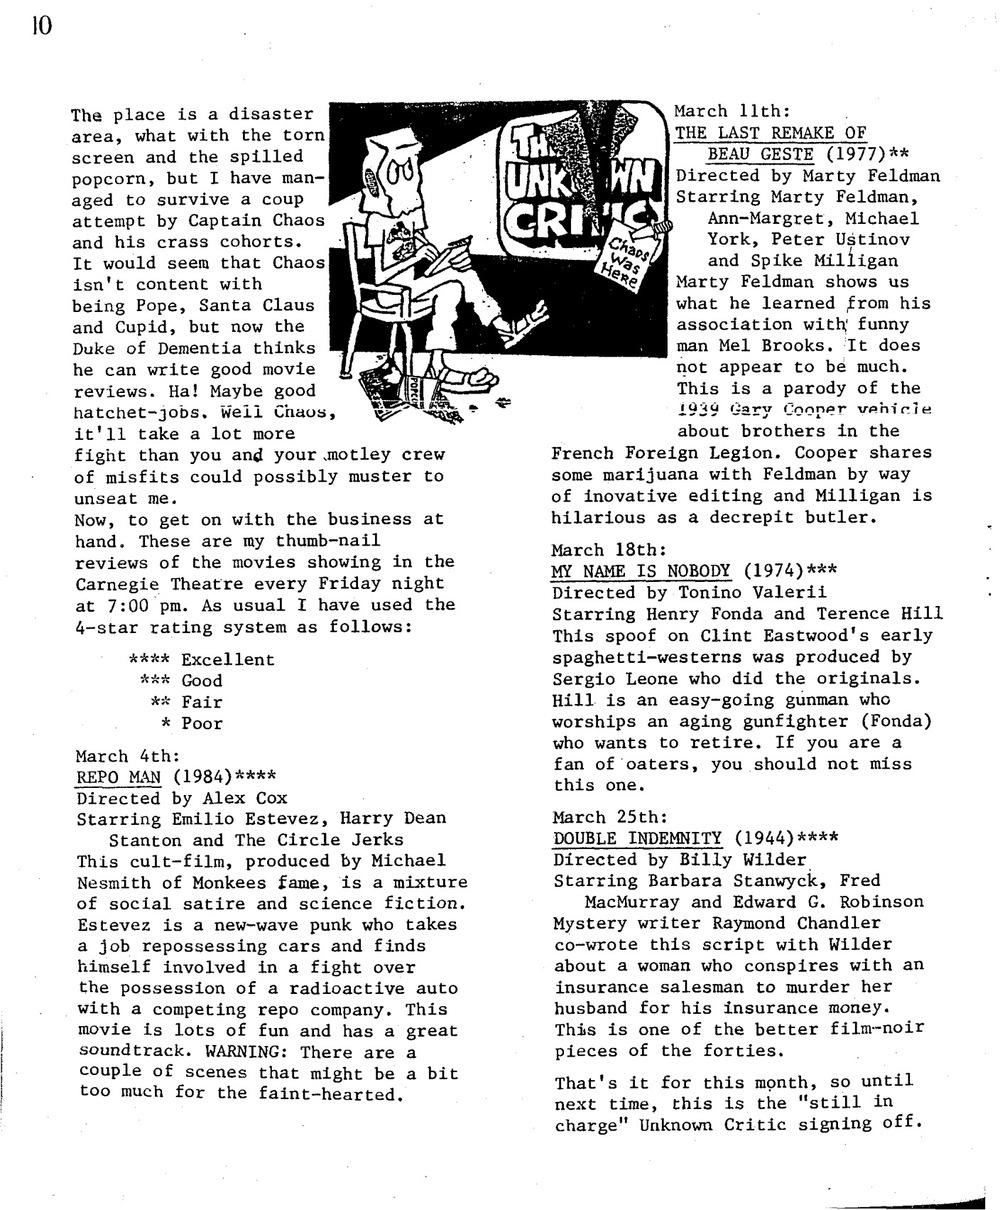 349_pdfsam_1988.jpeg